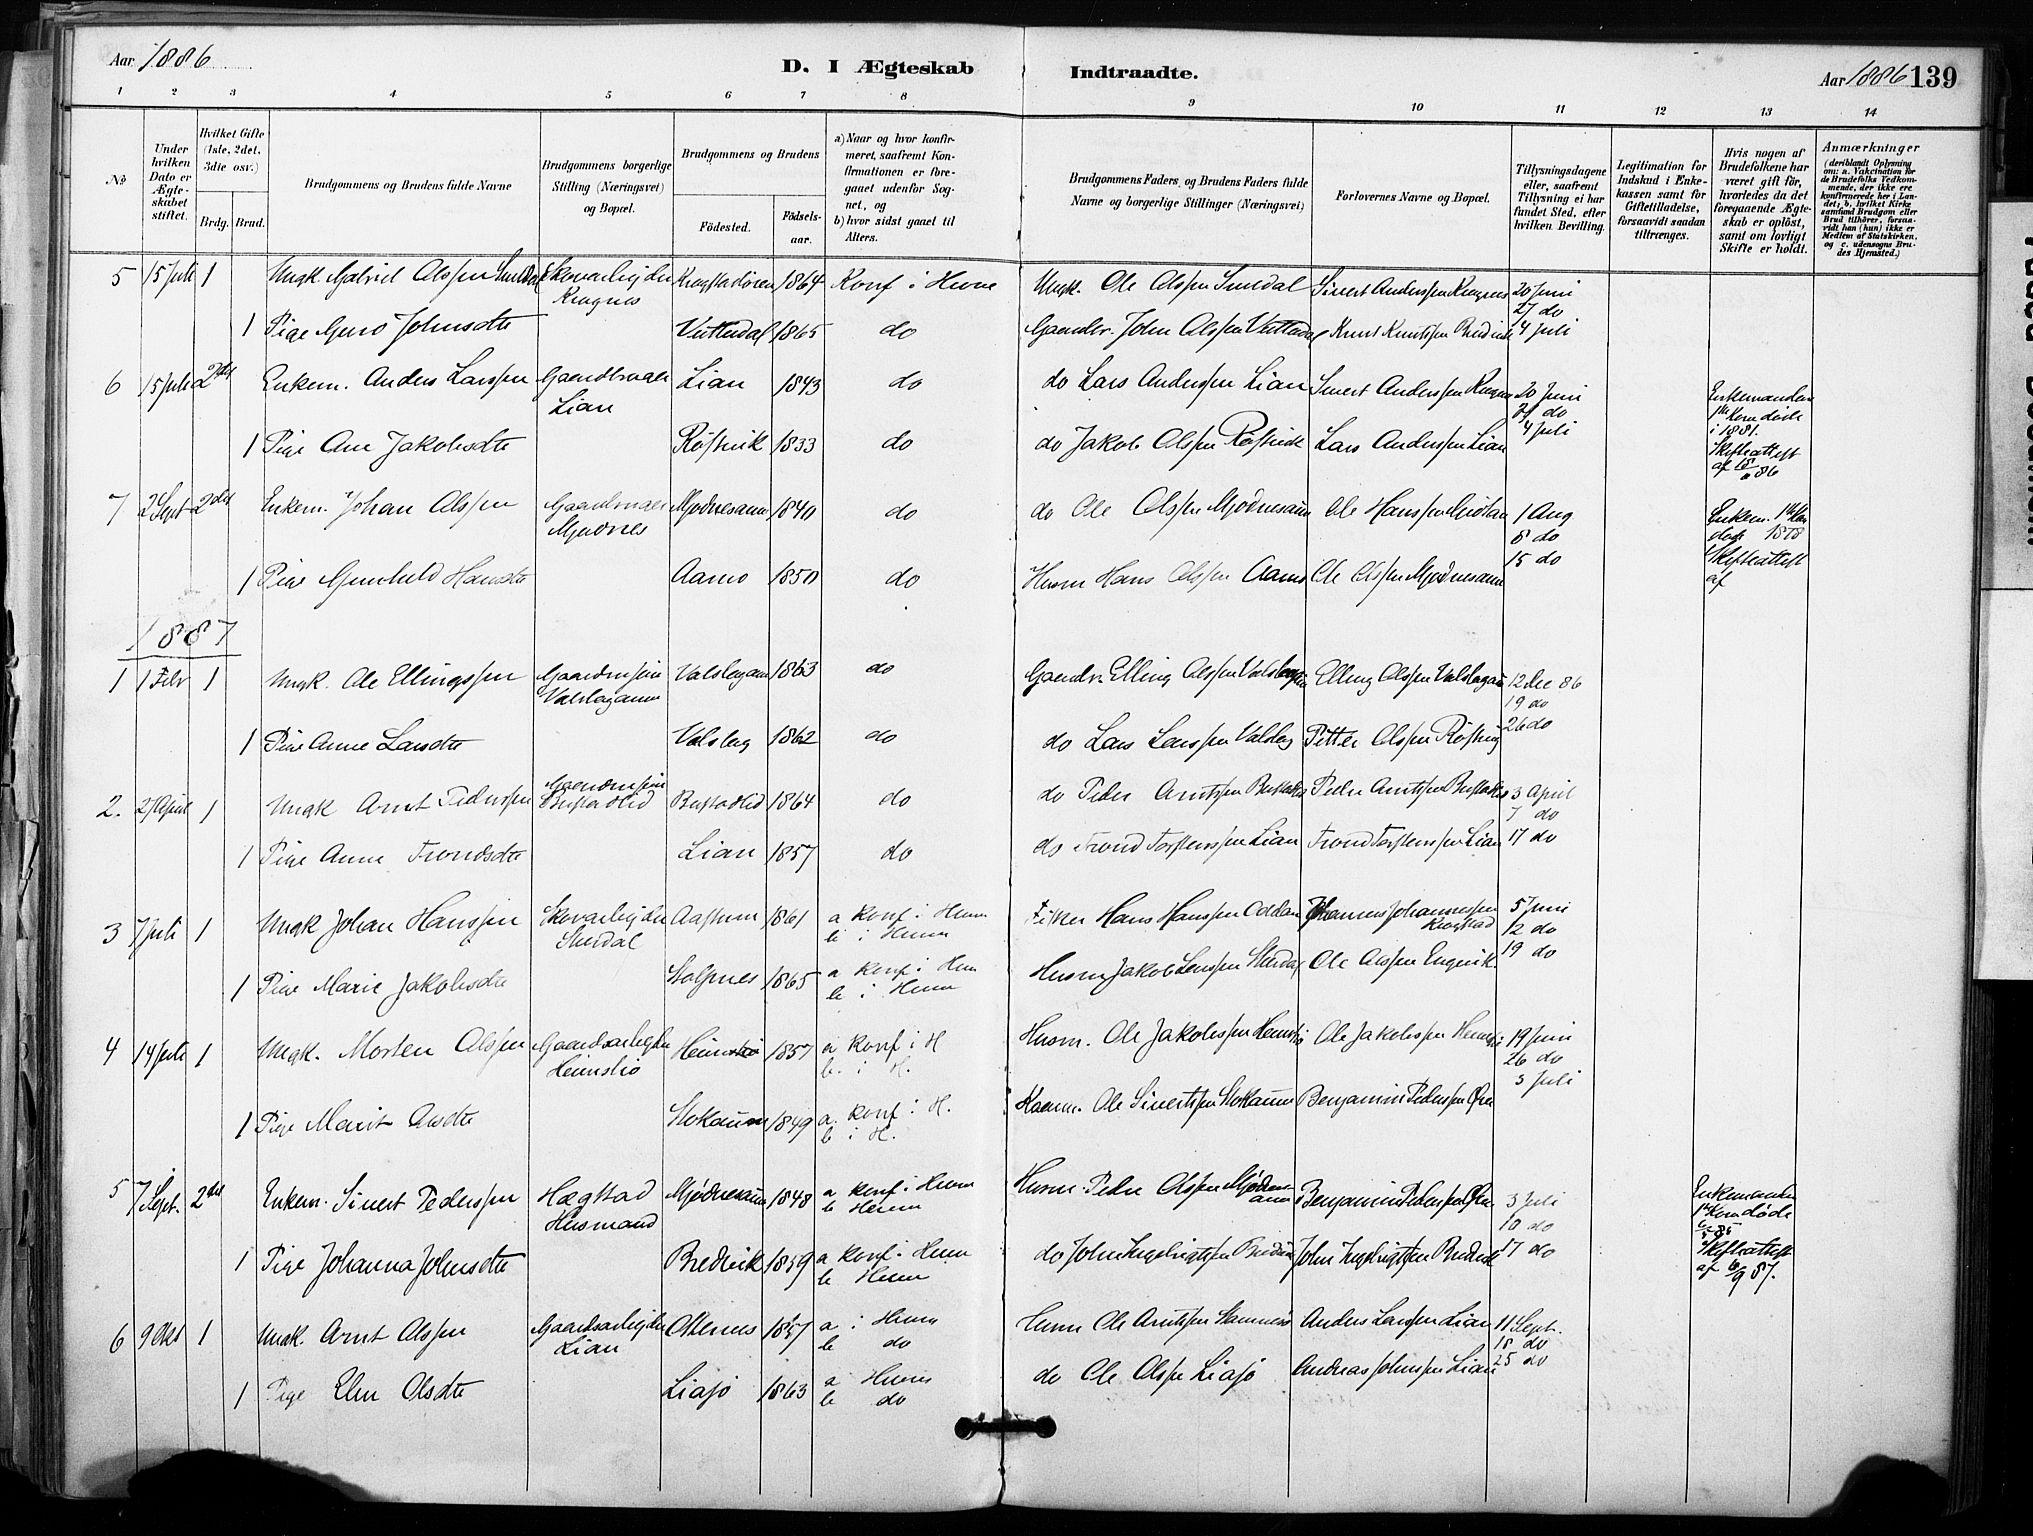 SAT, Ministerialprotokoller, klokkerbøker og fødselsregistre - Sør-Trøndelag, 633/L0518: Ministerialbok nr. 633A01, 1884-1906, s. 139